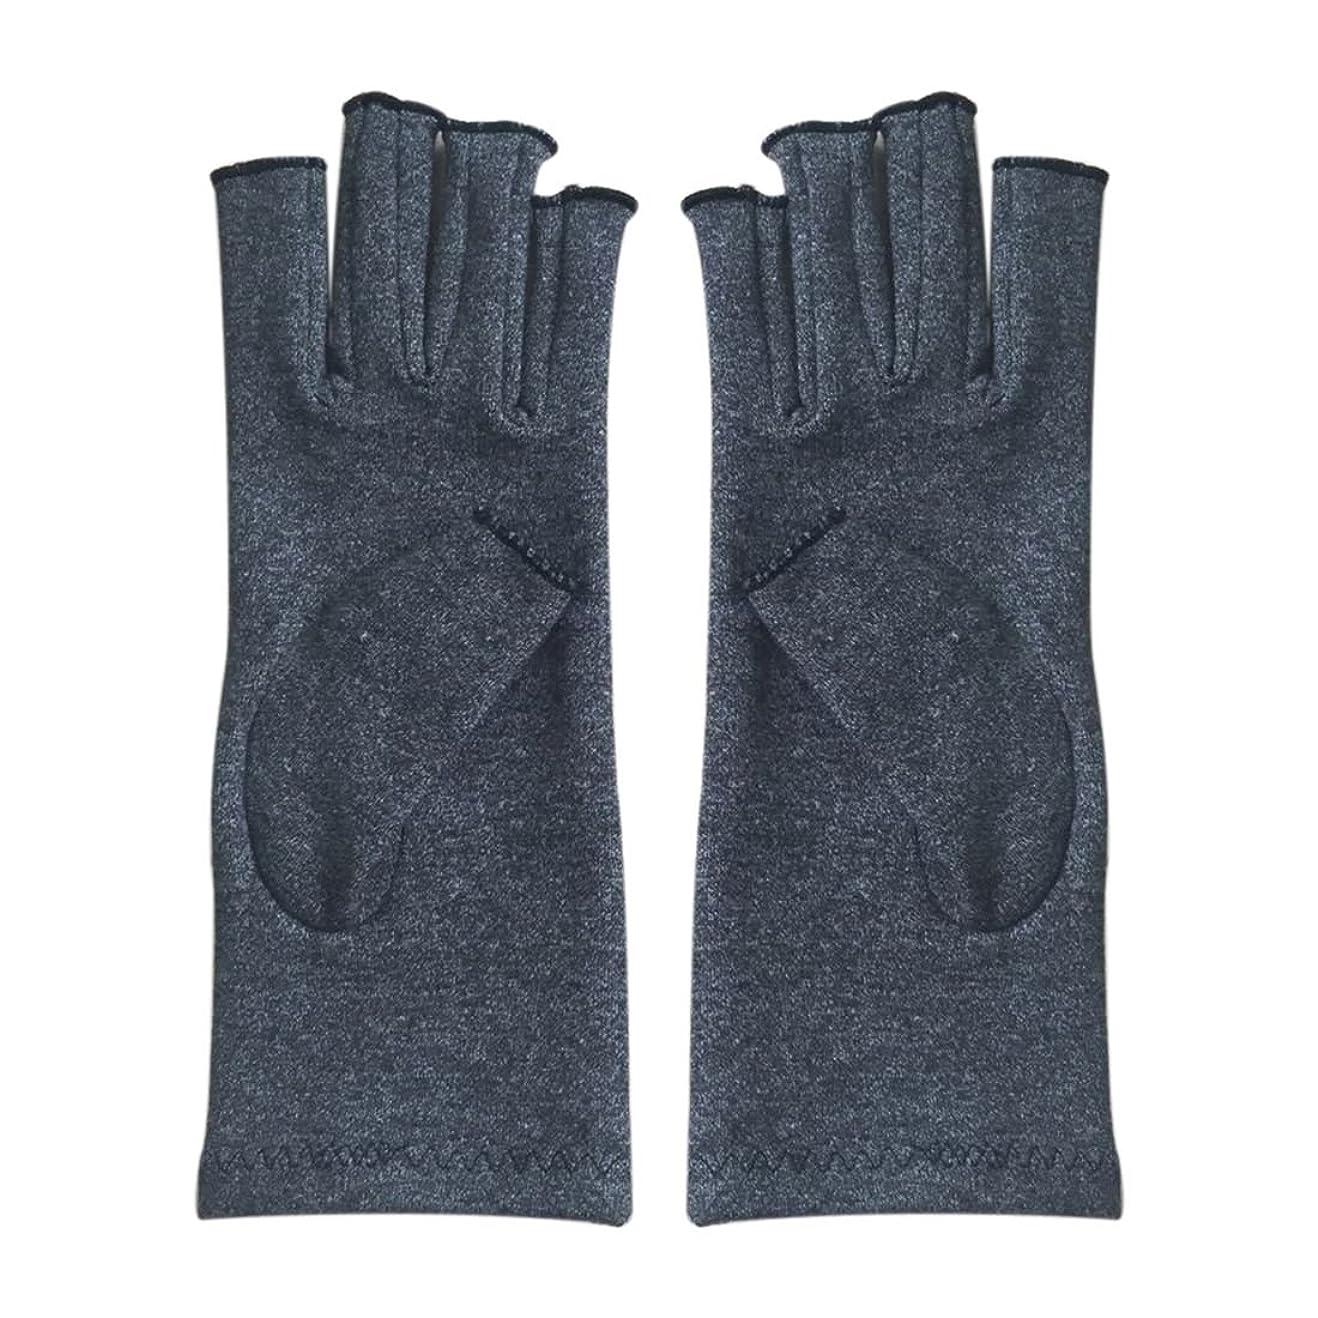 月曜日勧める並外れたCikuso 1ペア成人男性女性用弾性コットンコンプレッション手袋手関節炎関節痛鎮痛軽減S -灰色、S